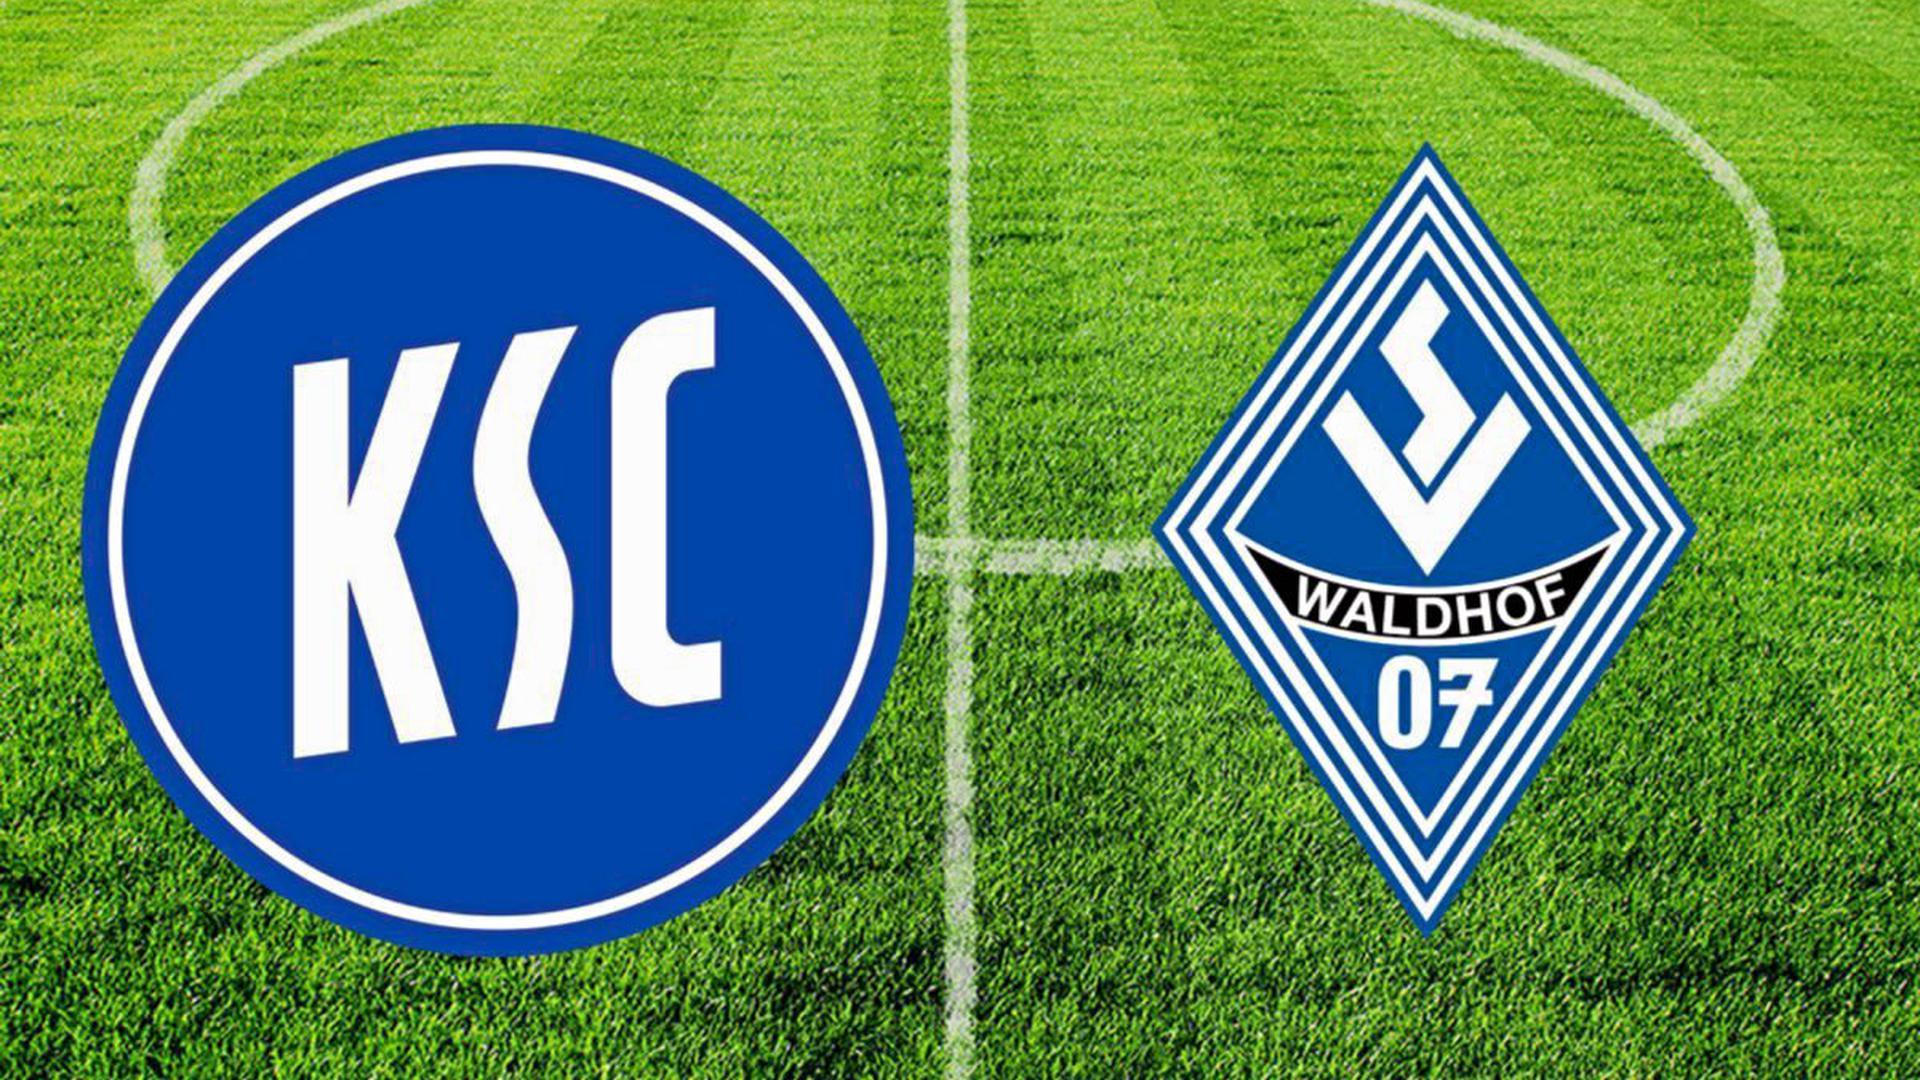 Das Finale des bfv-Pokals am 25. Mai ist perfekt: Der Karlsruher SC trifft auf Waldhof Mannheim.